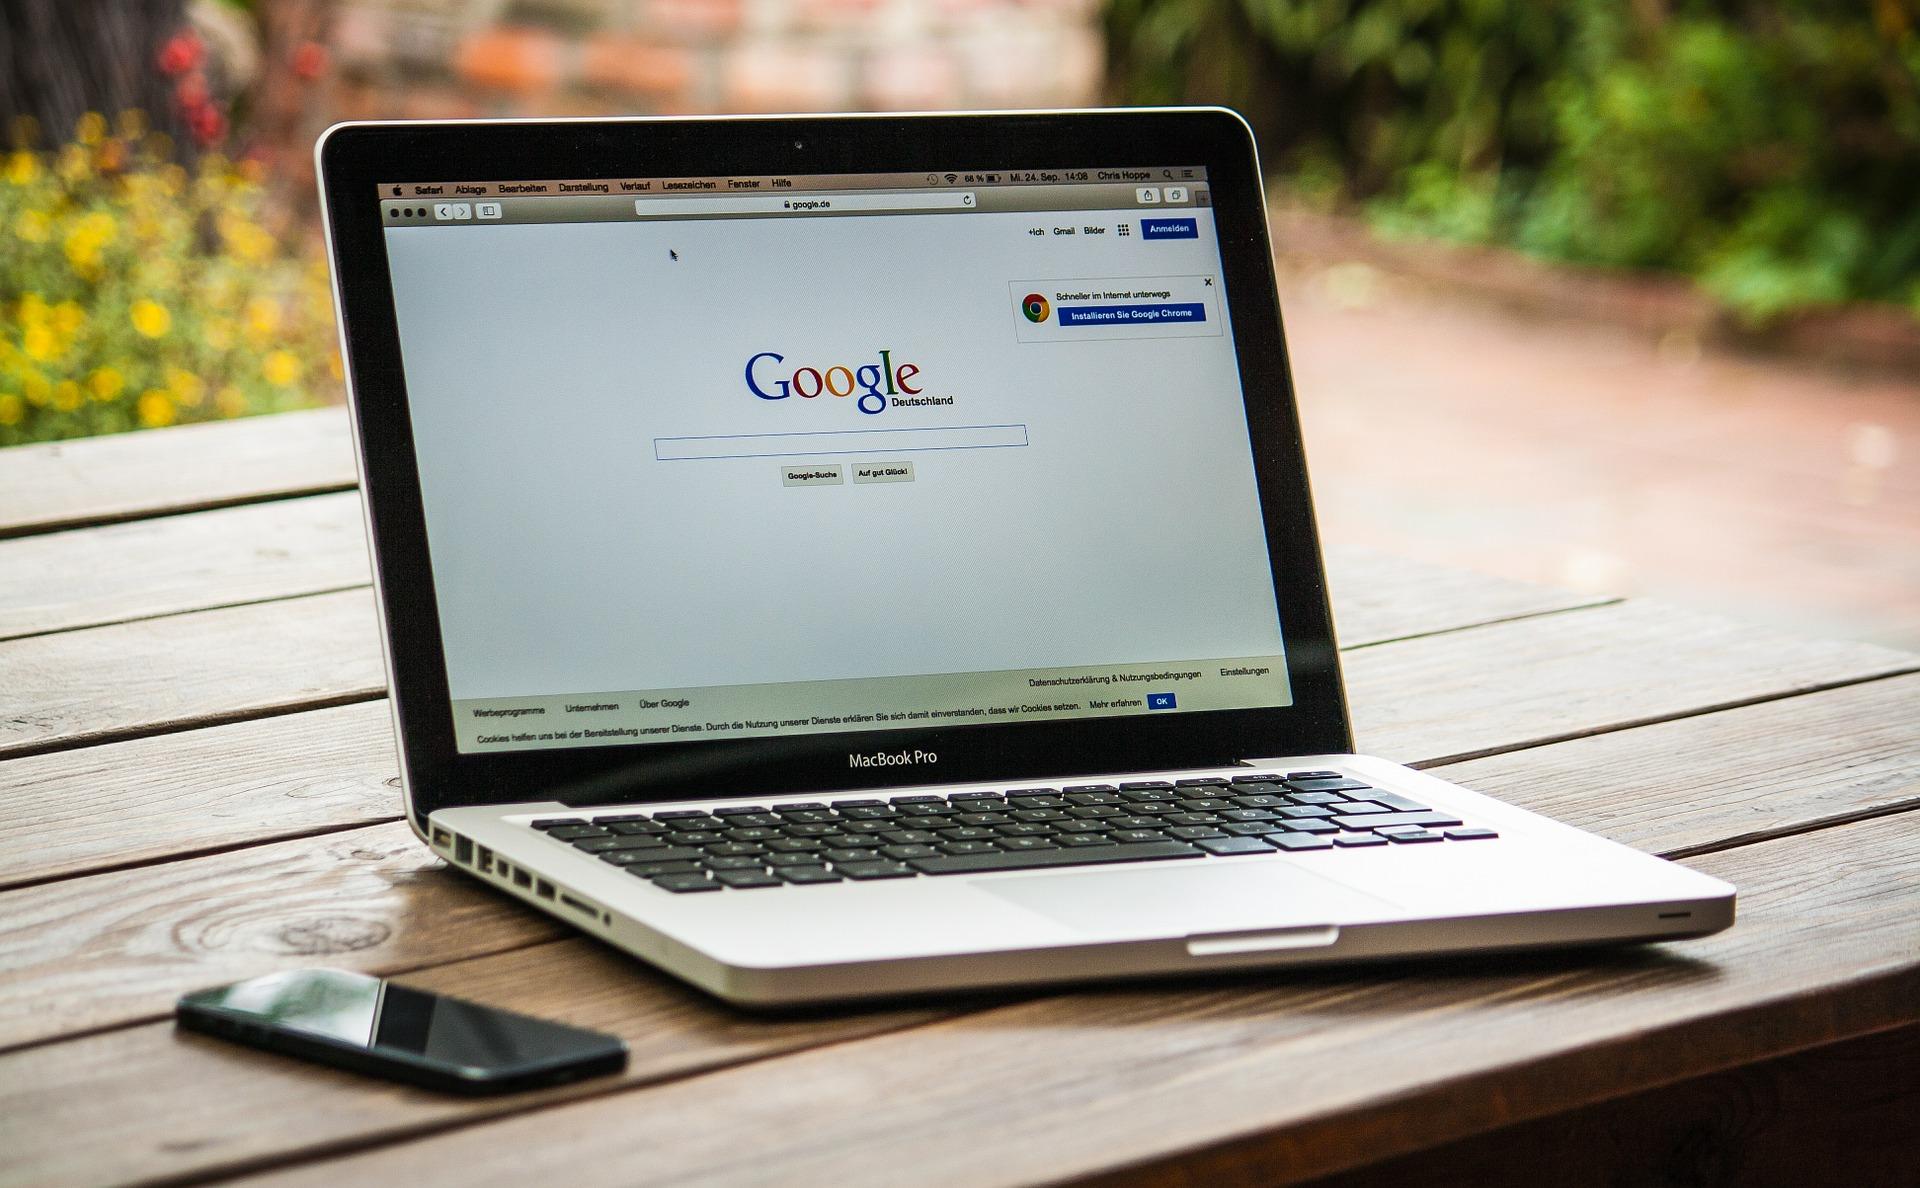 3 pomysły naoptymalizację WordPressowych kategorii itagów podSEO